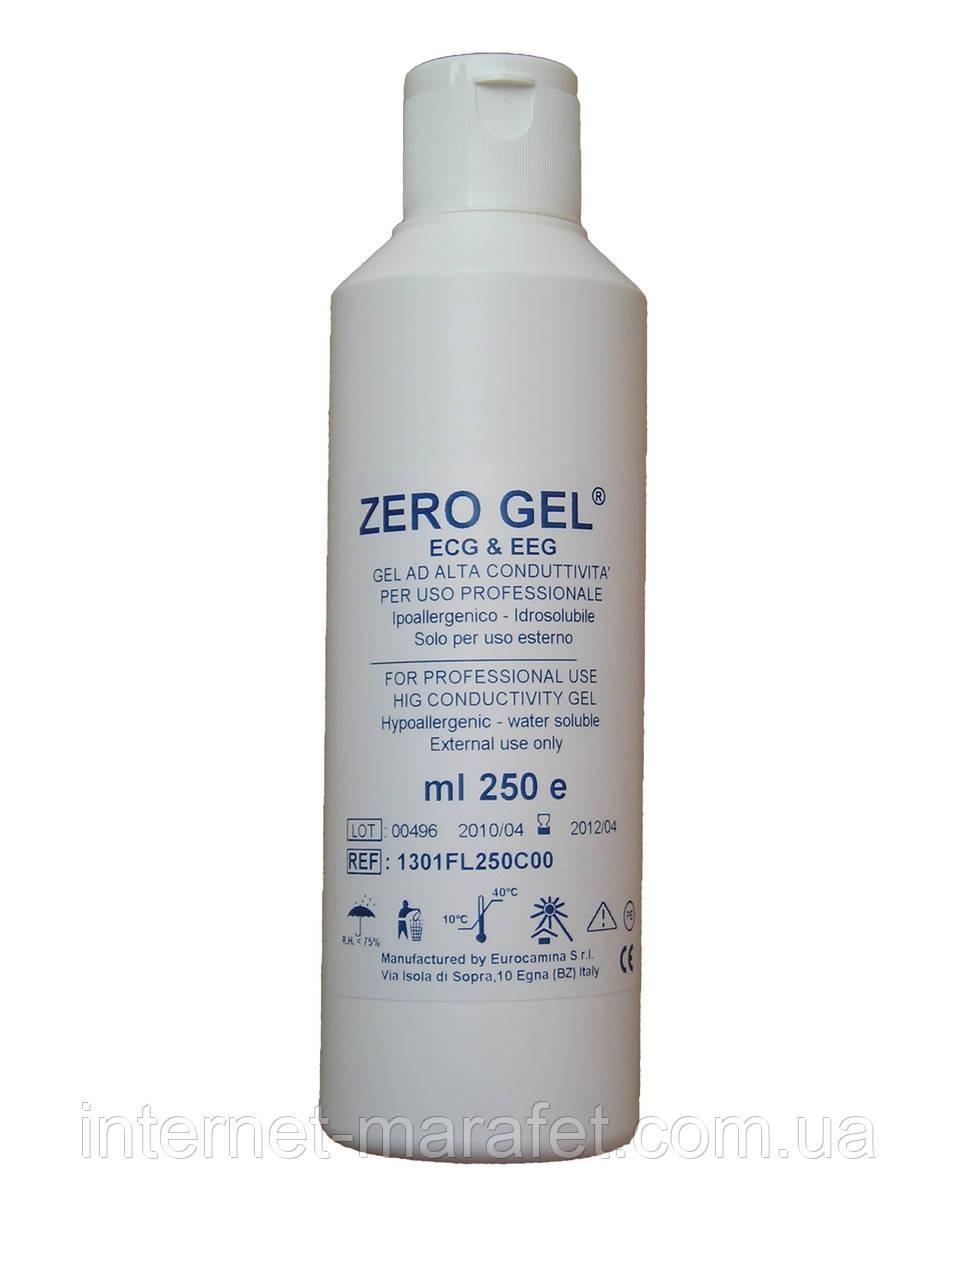 Гель для миостимуляторов Zero Gel